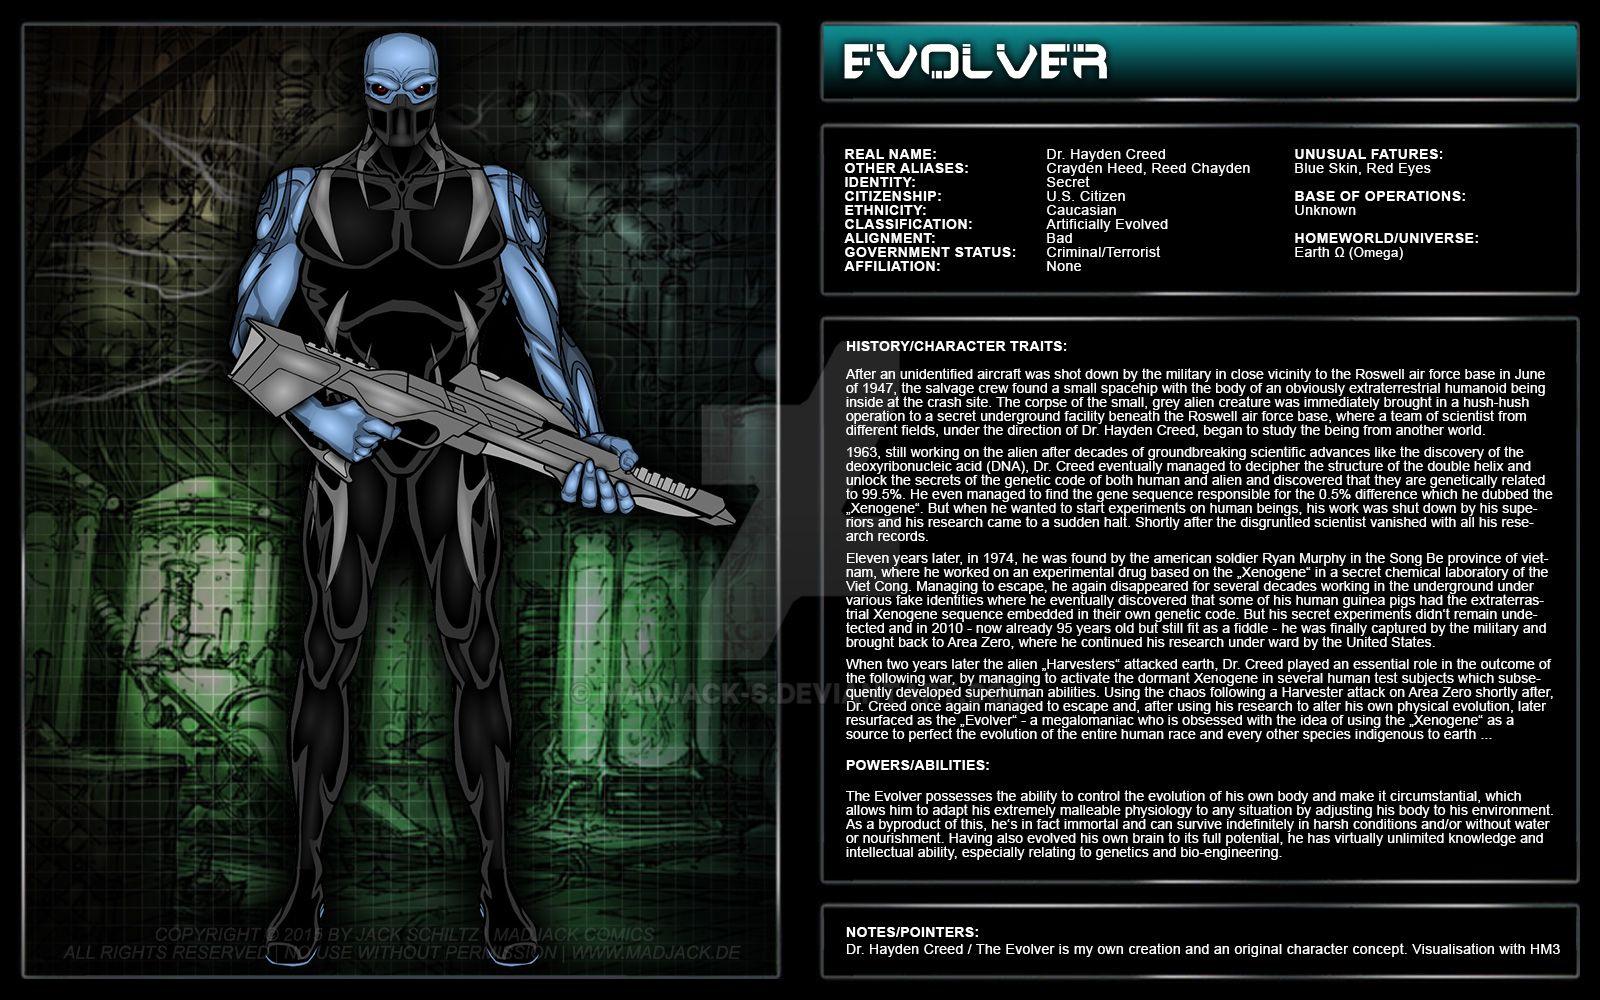 The Evolver